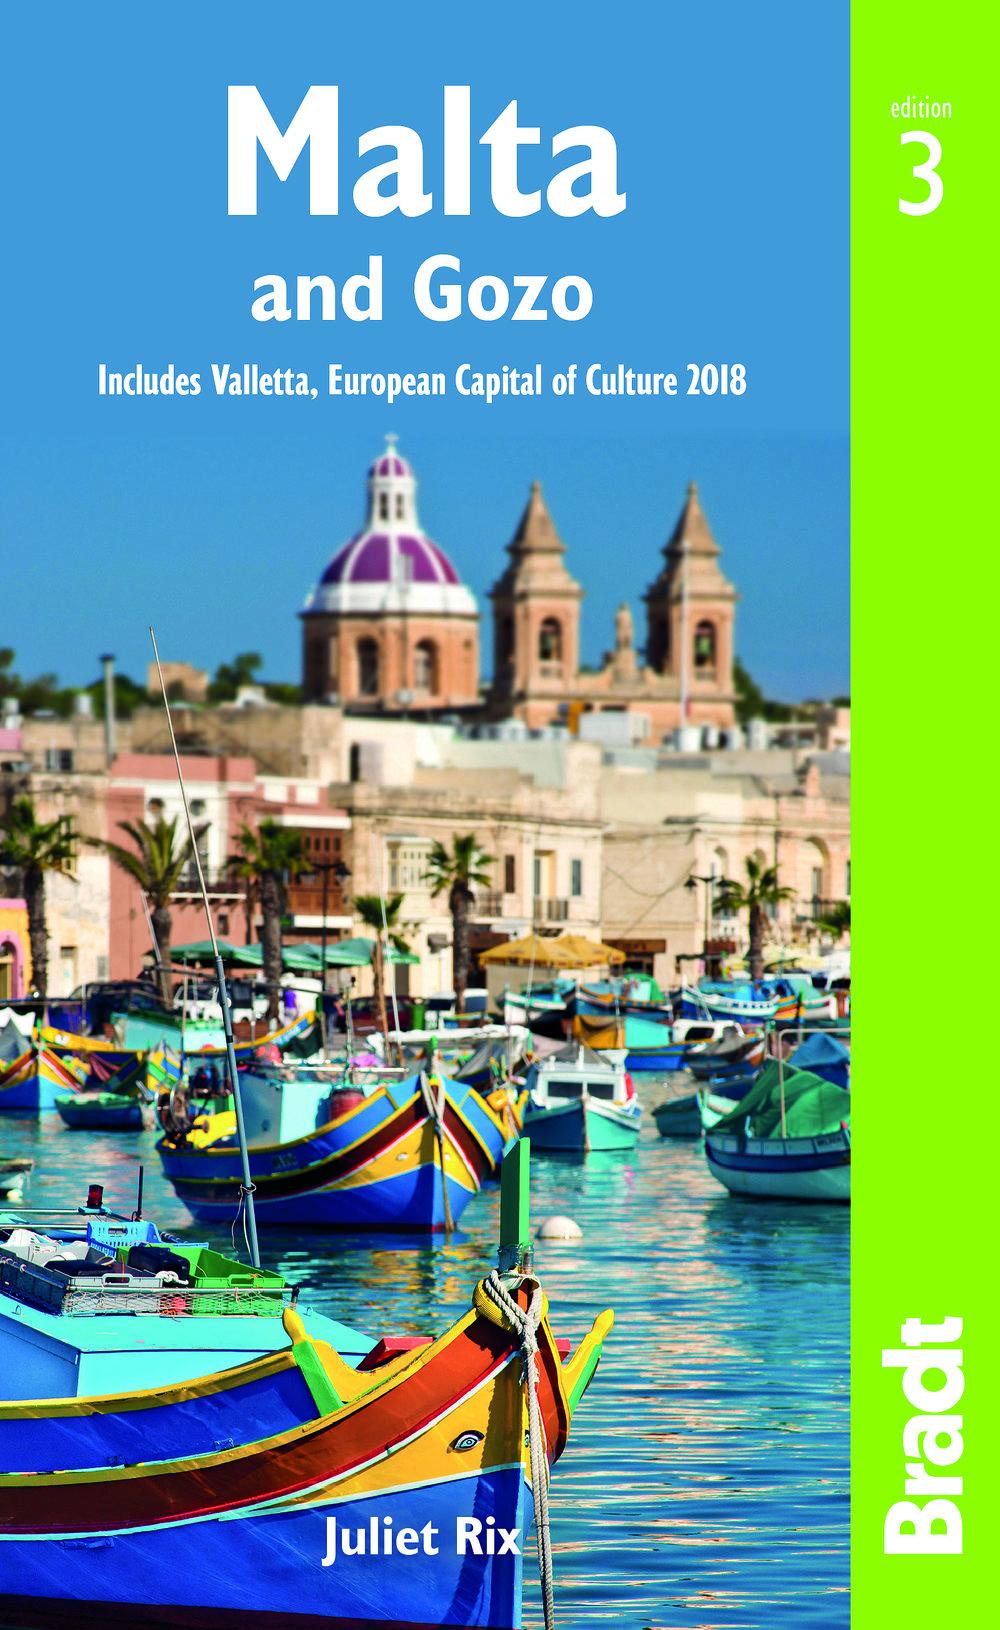 Malta 3 Cover_CMYK.jpg